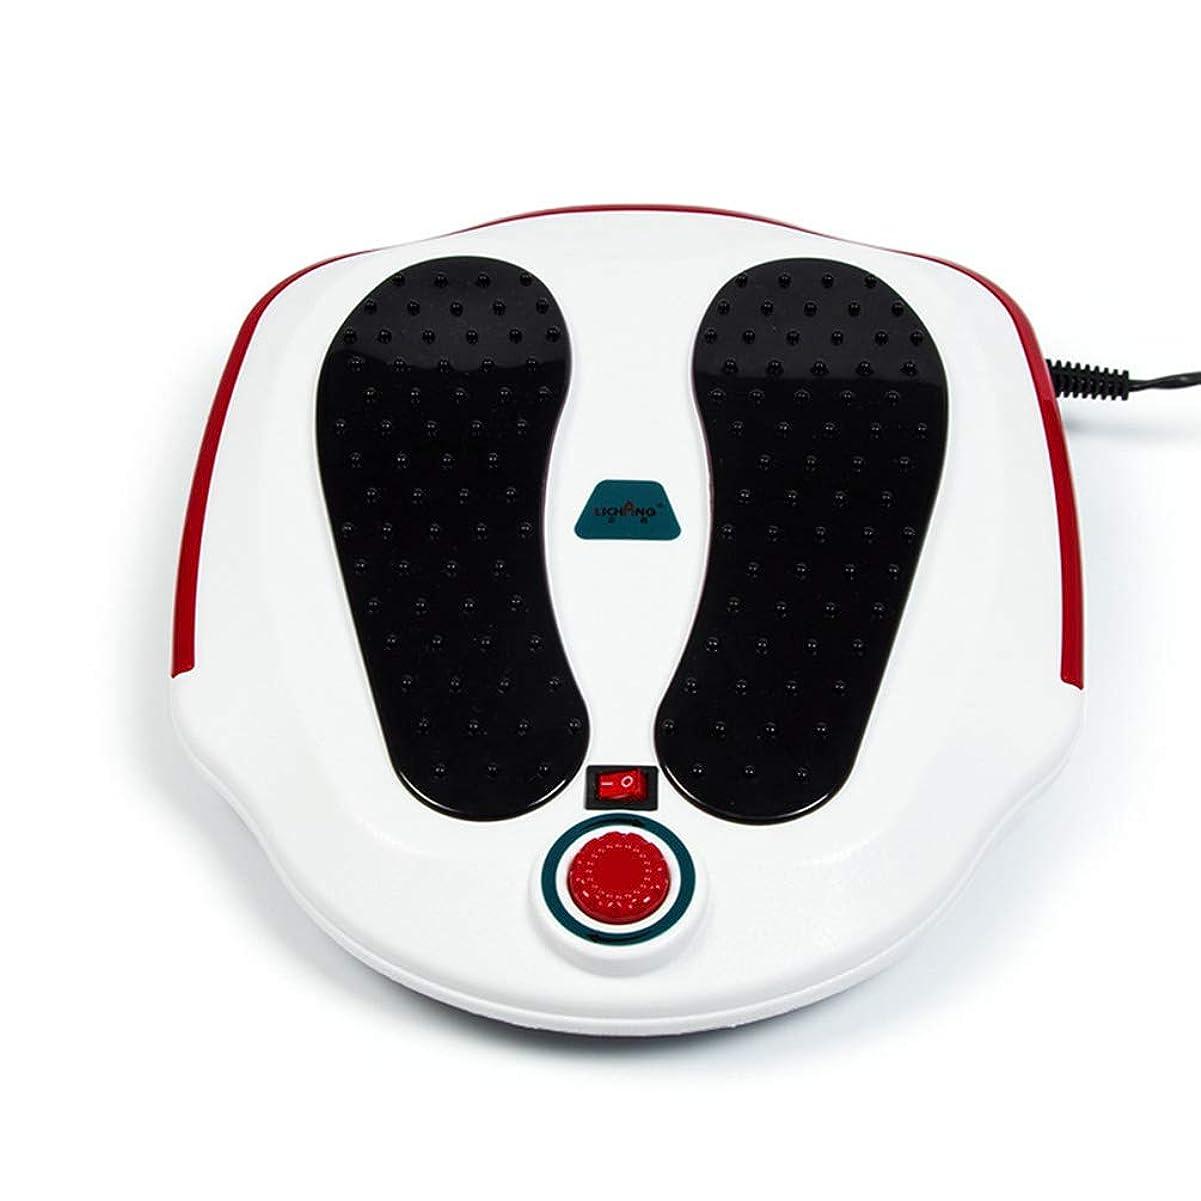 衝突コース管理限定調整可能 フットマッサージ機、ABS素材、電気指圧式フットマッサージャー(熱、深練り、ローリング、および空気圧縮)、Fe家庭用およびオフィス用 リラックス, white